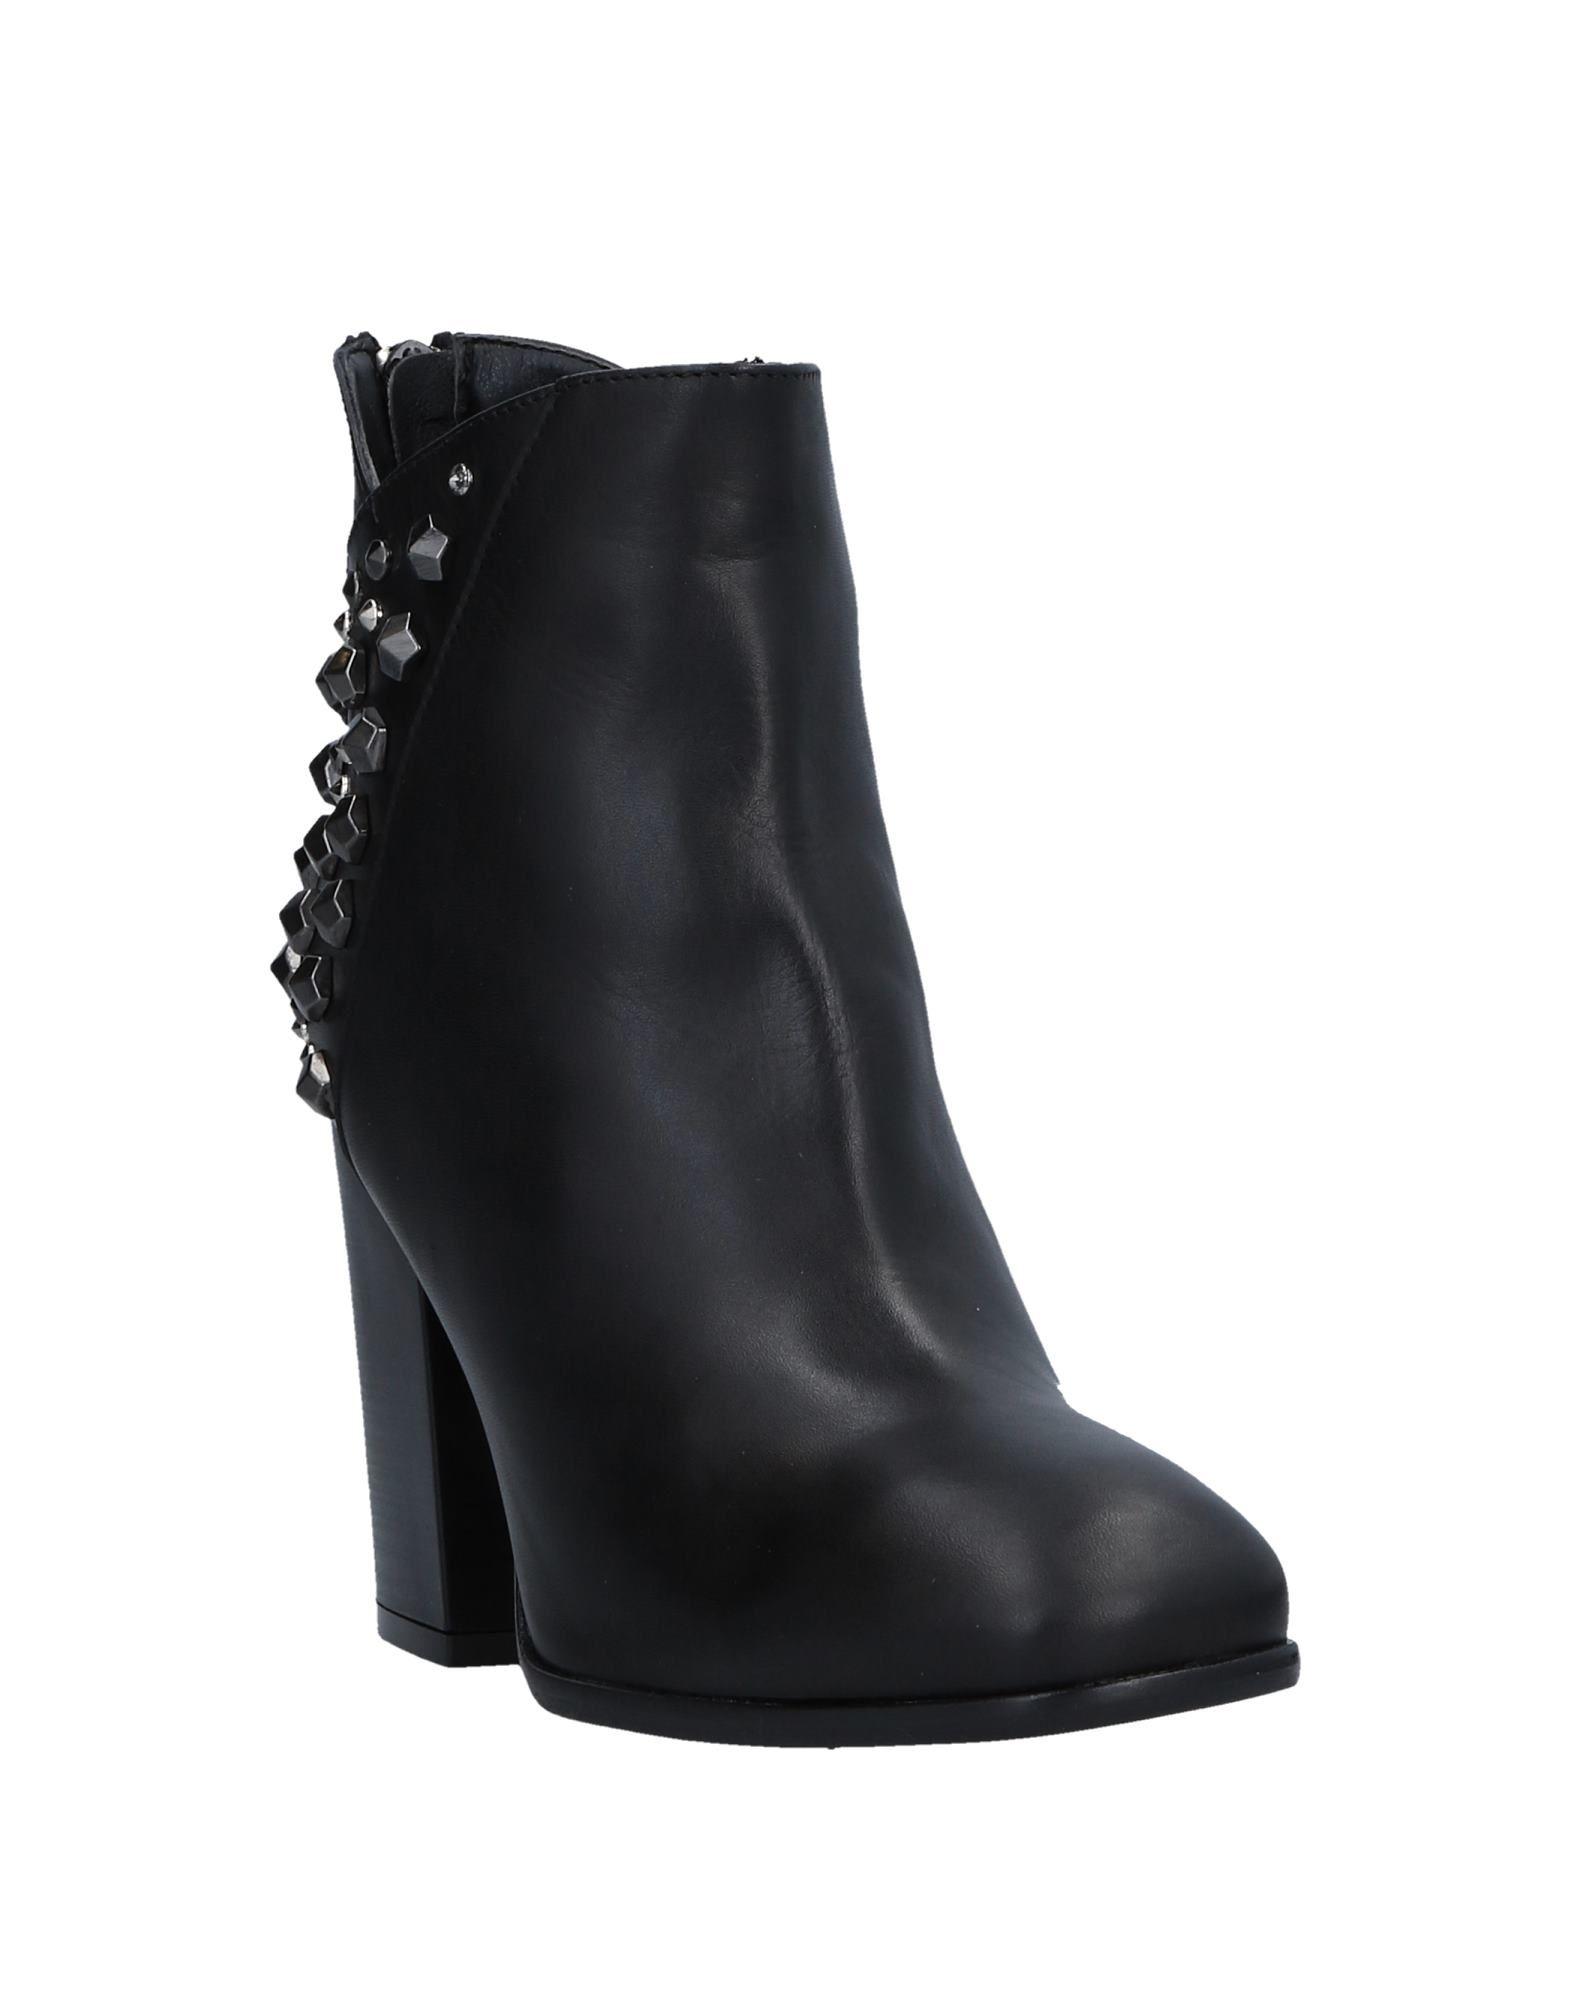 Chocolà Stiefelette Damen   11531388AJ Heiße Schuhe 0aaebe